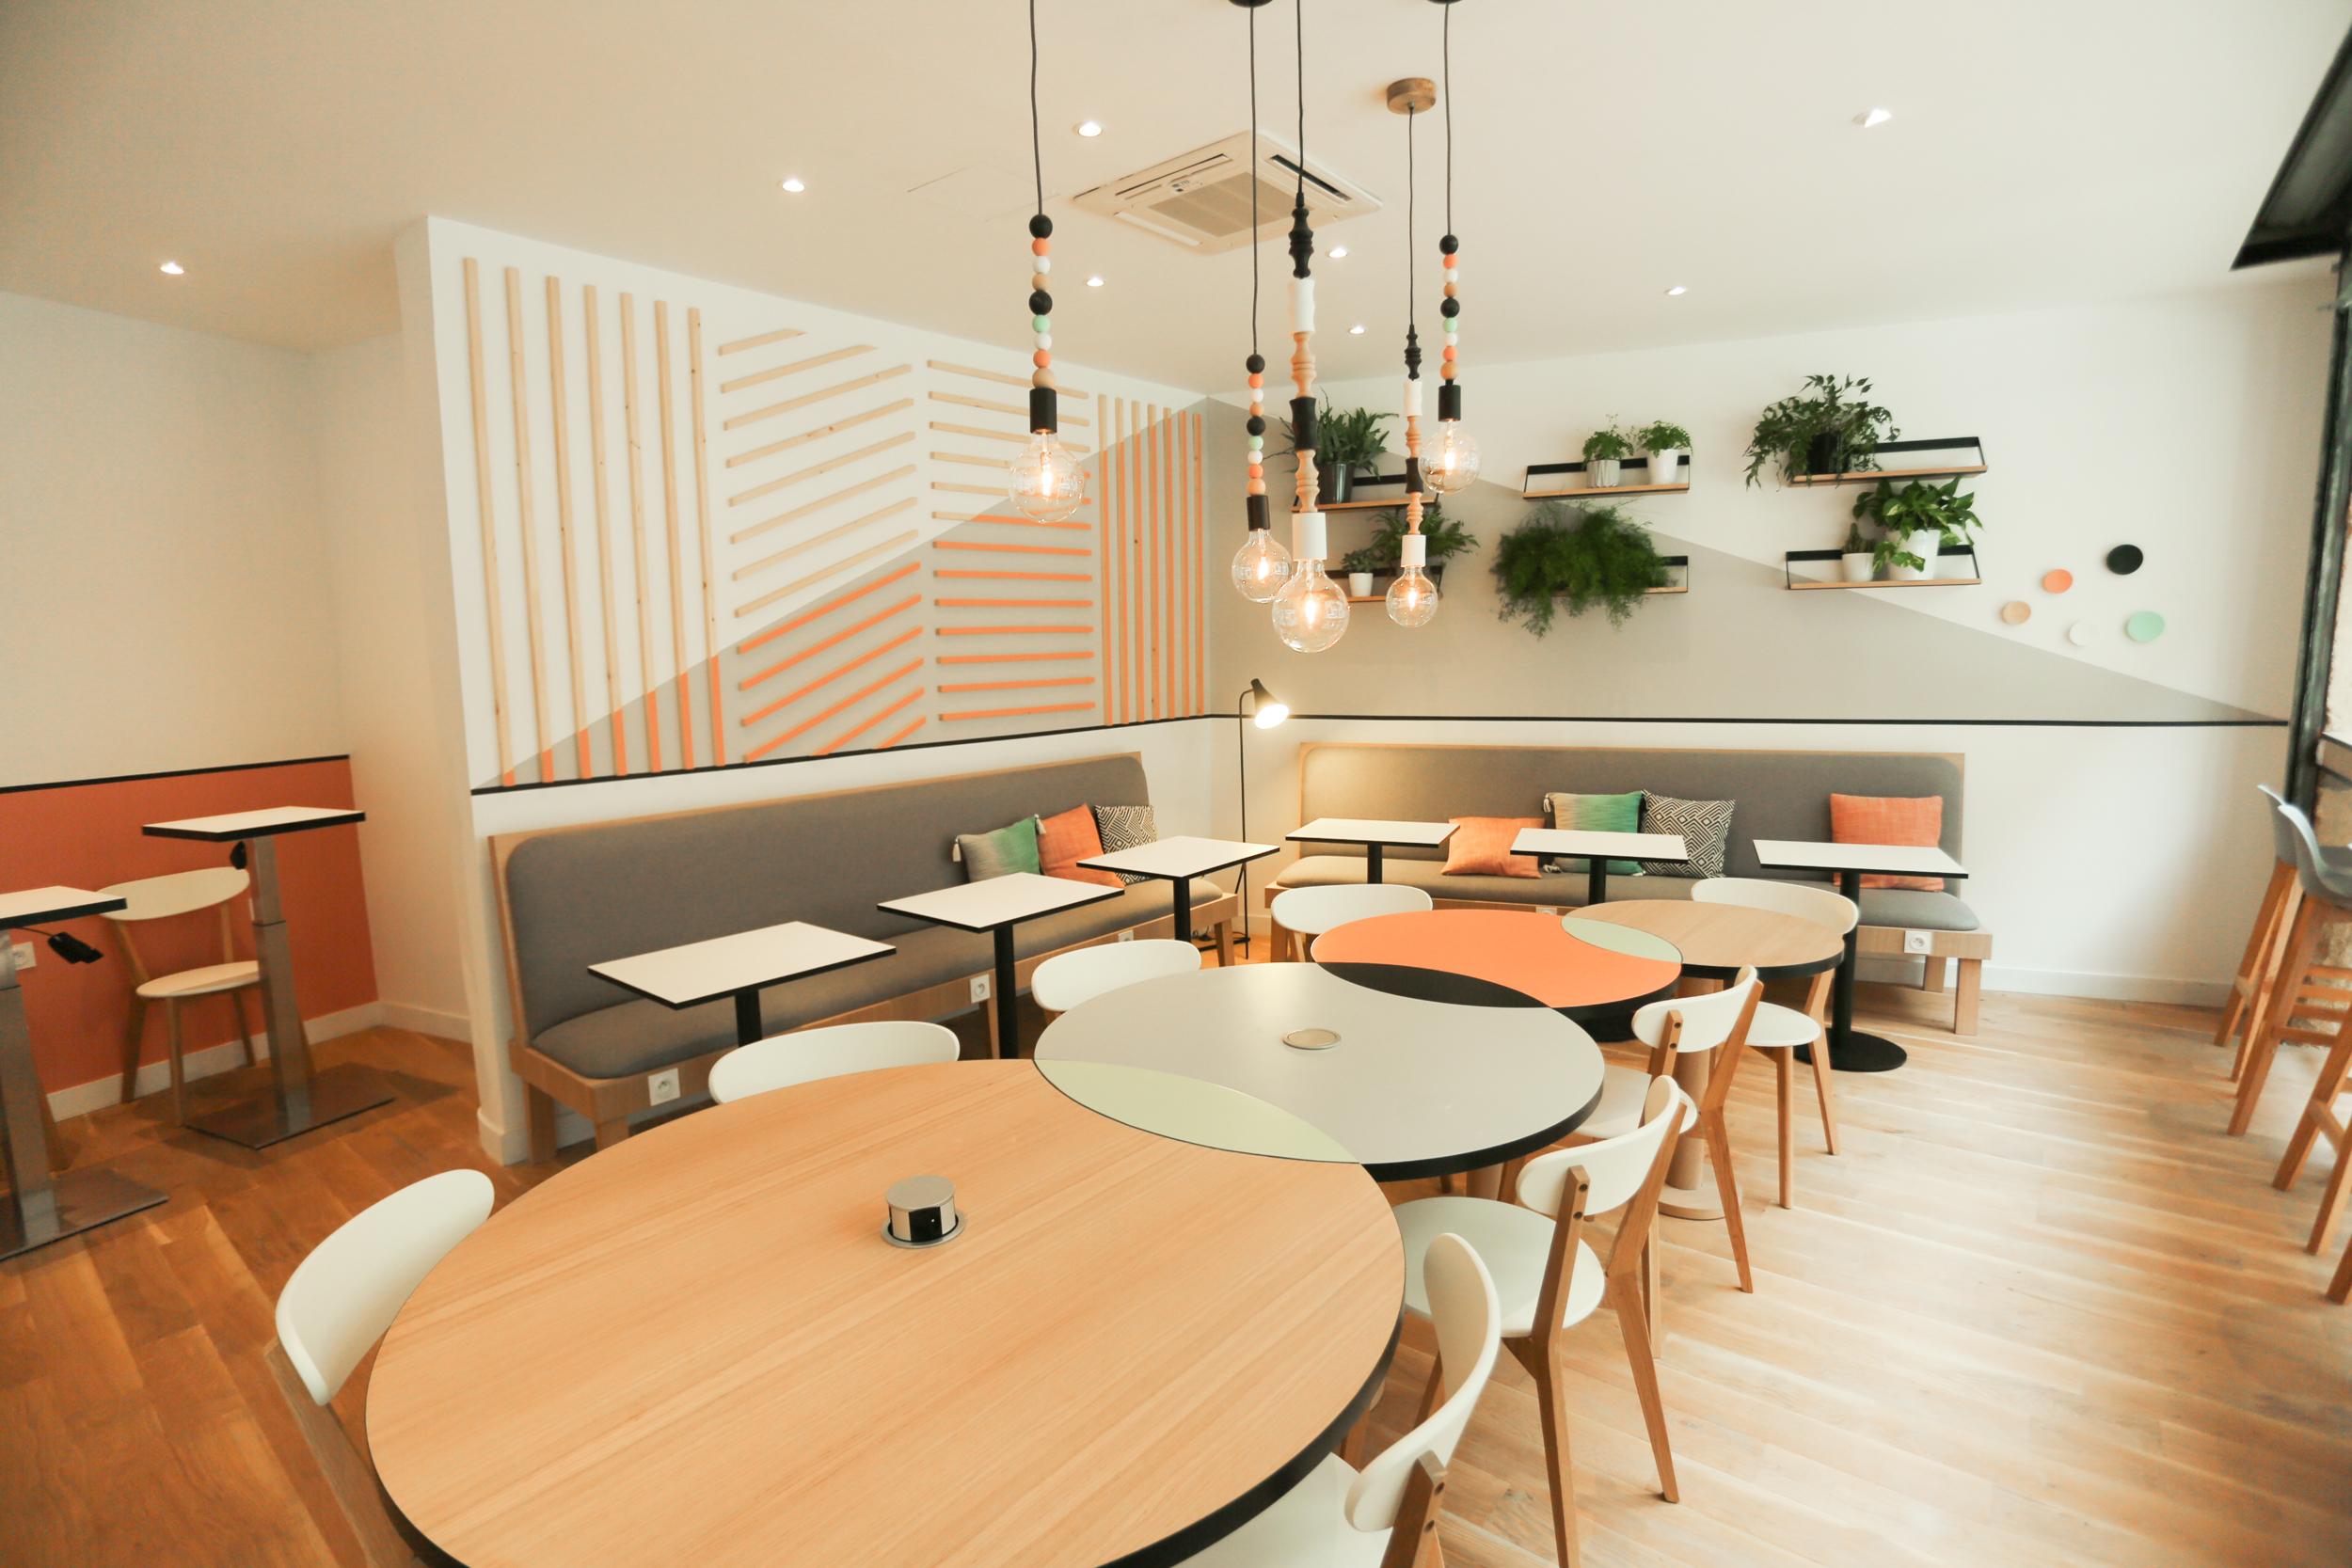 visite d co allier travail et bien tre chez n rma. Black Bedroom Furniture Sets. Home Design Ideas